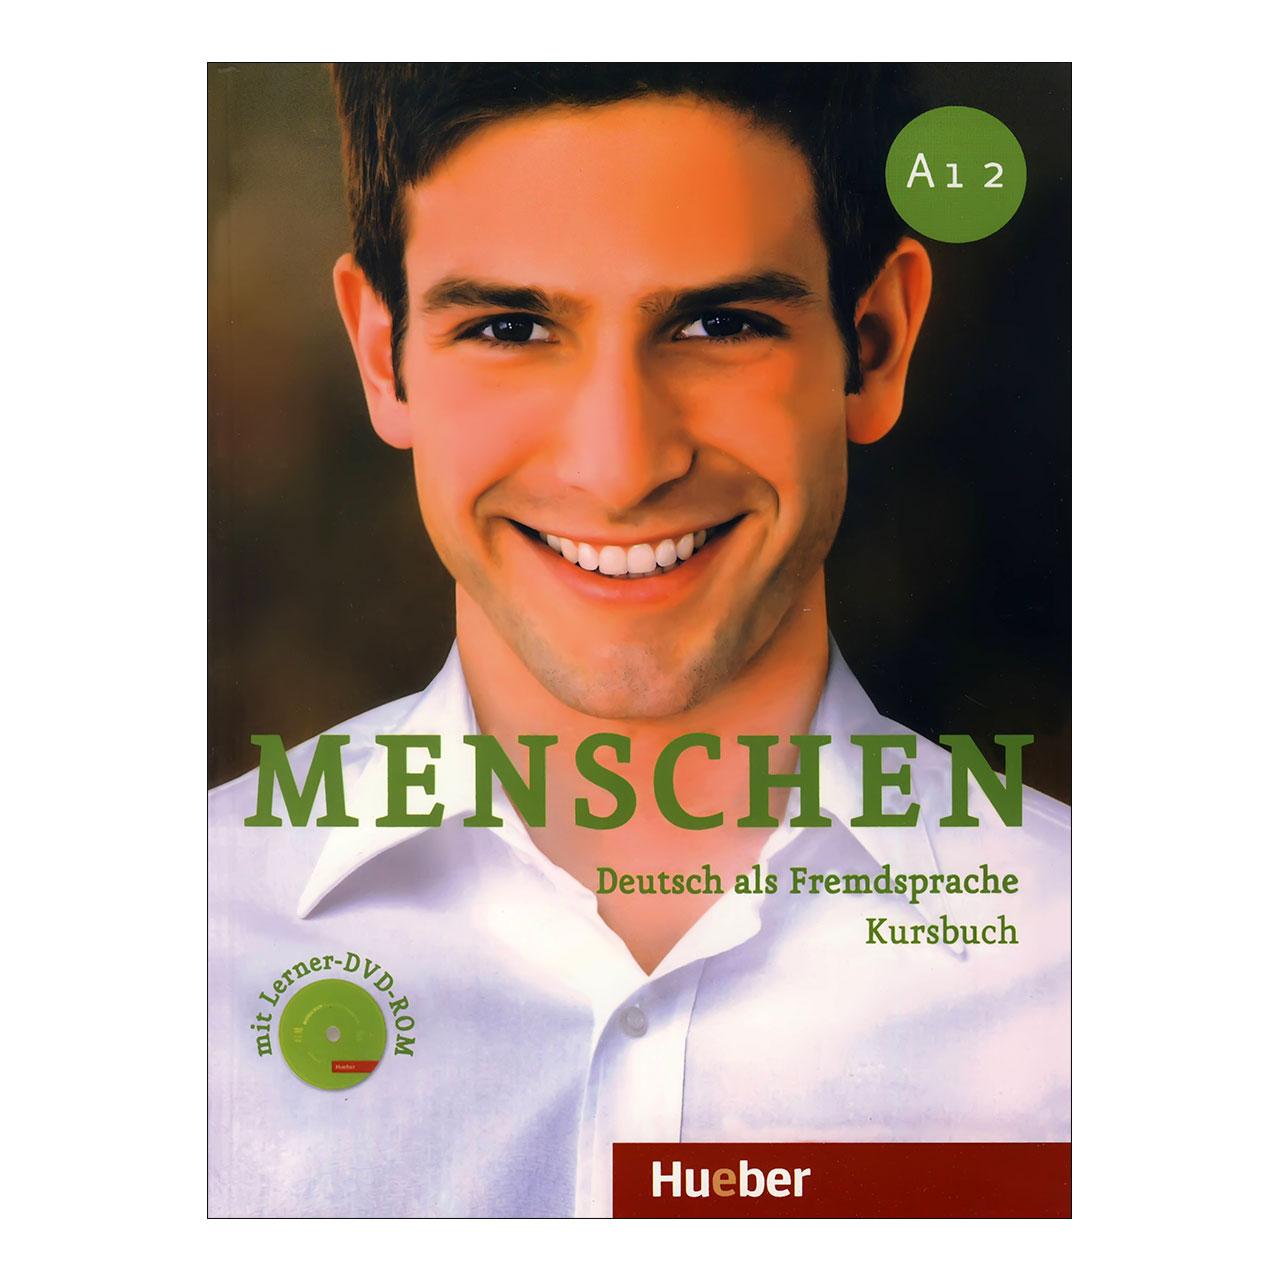 خرید                      کتاب menschen A1.2 اثر جمعی از نویسندگان انتشارات Hueber